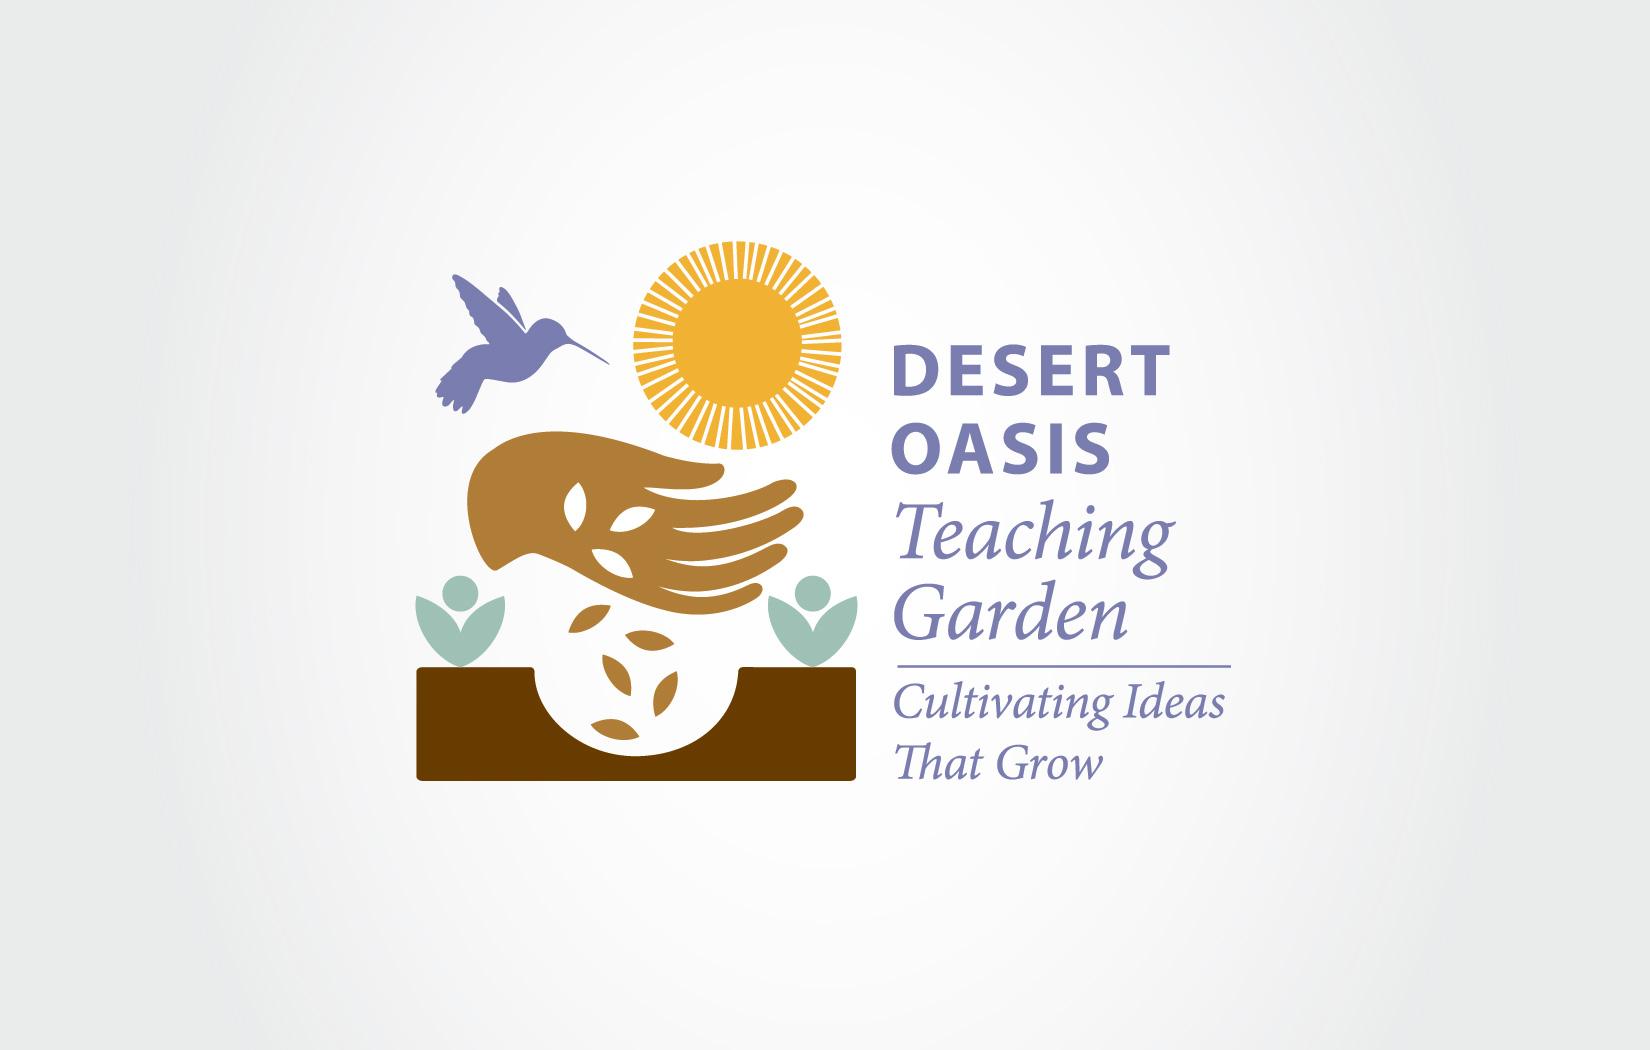 Desert Oasis Teaching Garden